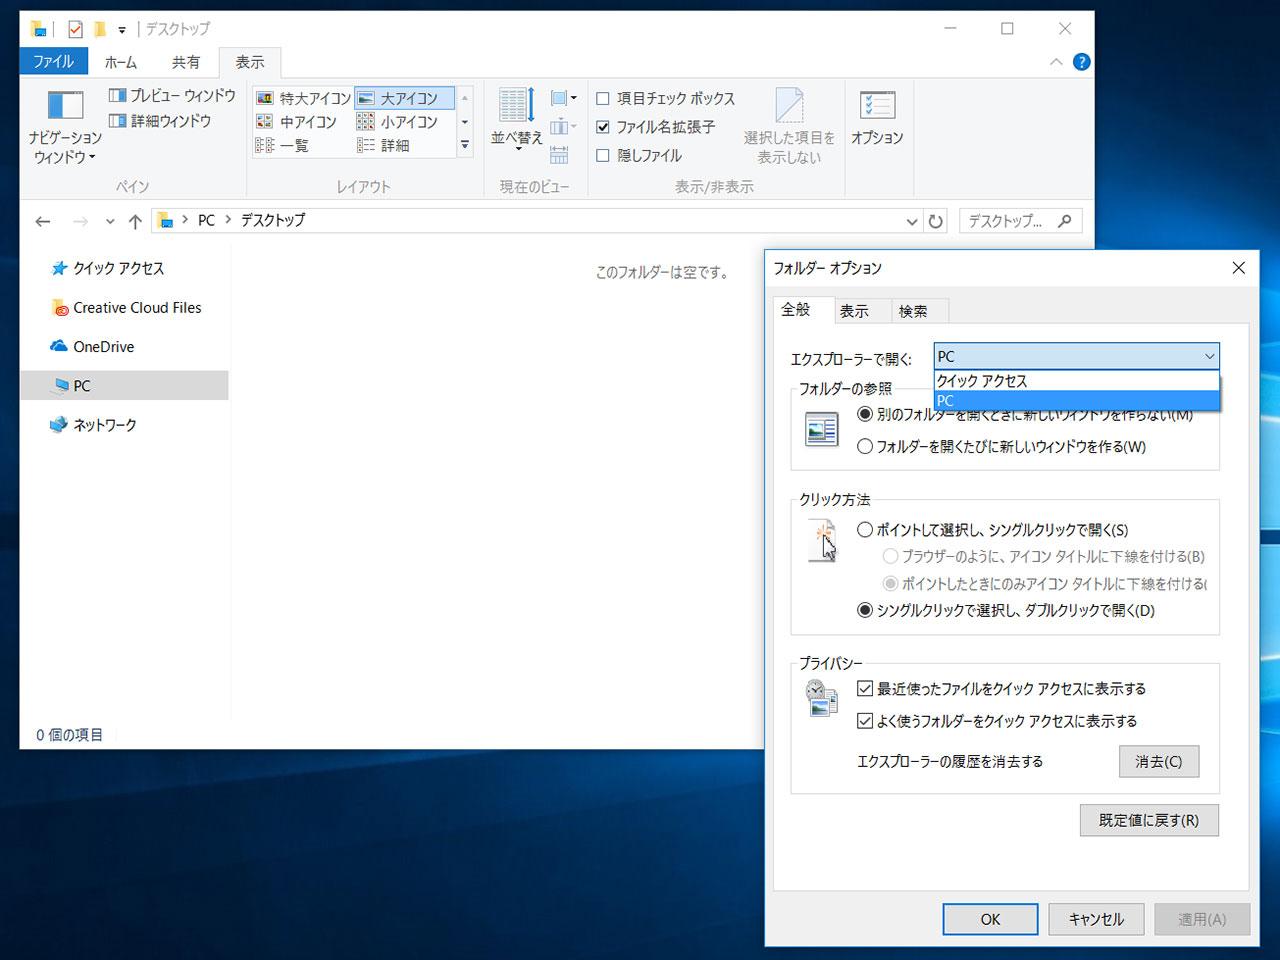 Windows10エクスプローラー_クイックアクセスをPCに変更